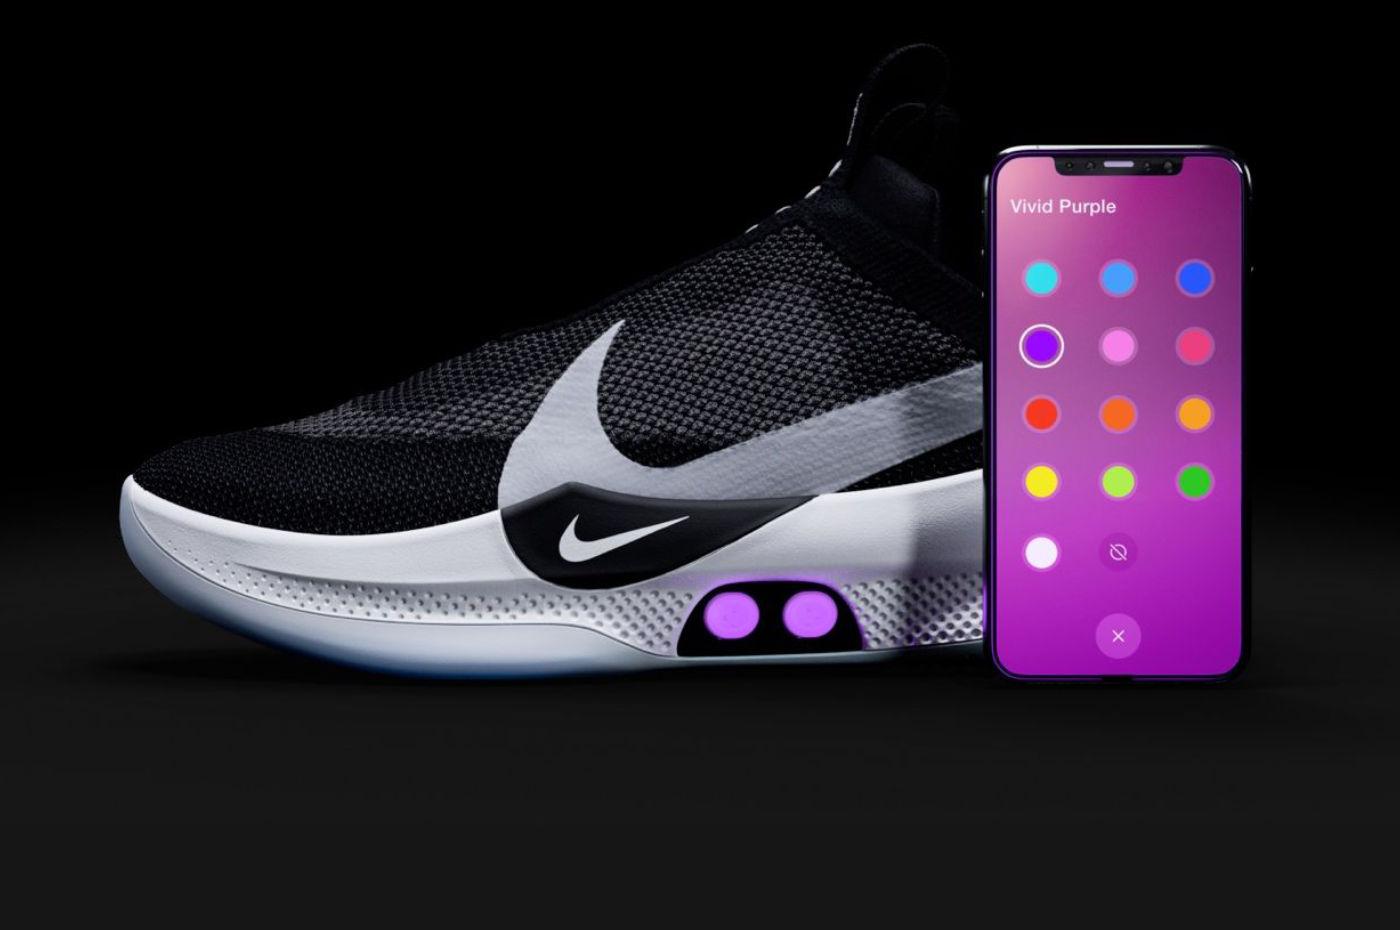 Les Nike autolaçantes briquées lors de la mise à jour via Android